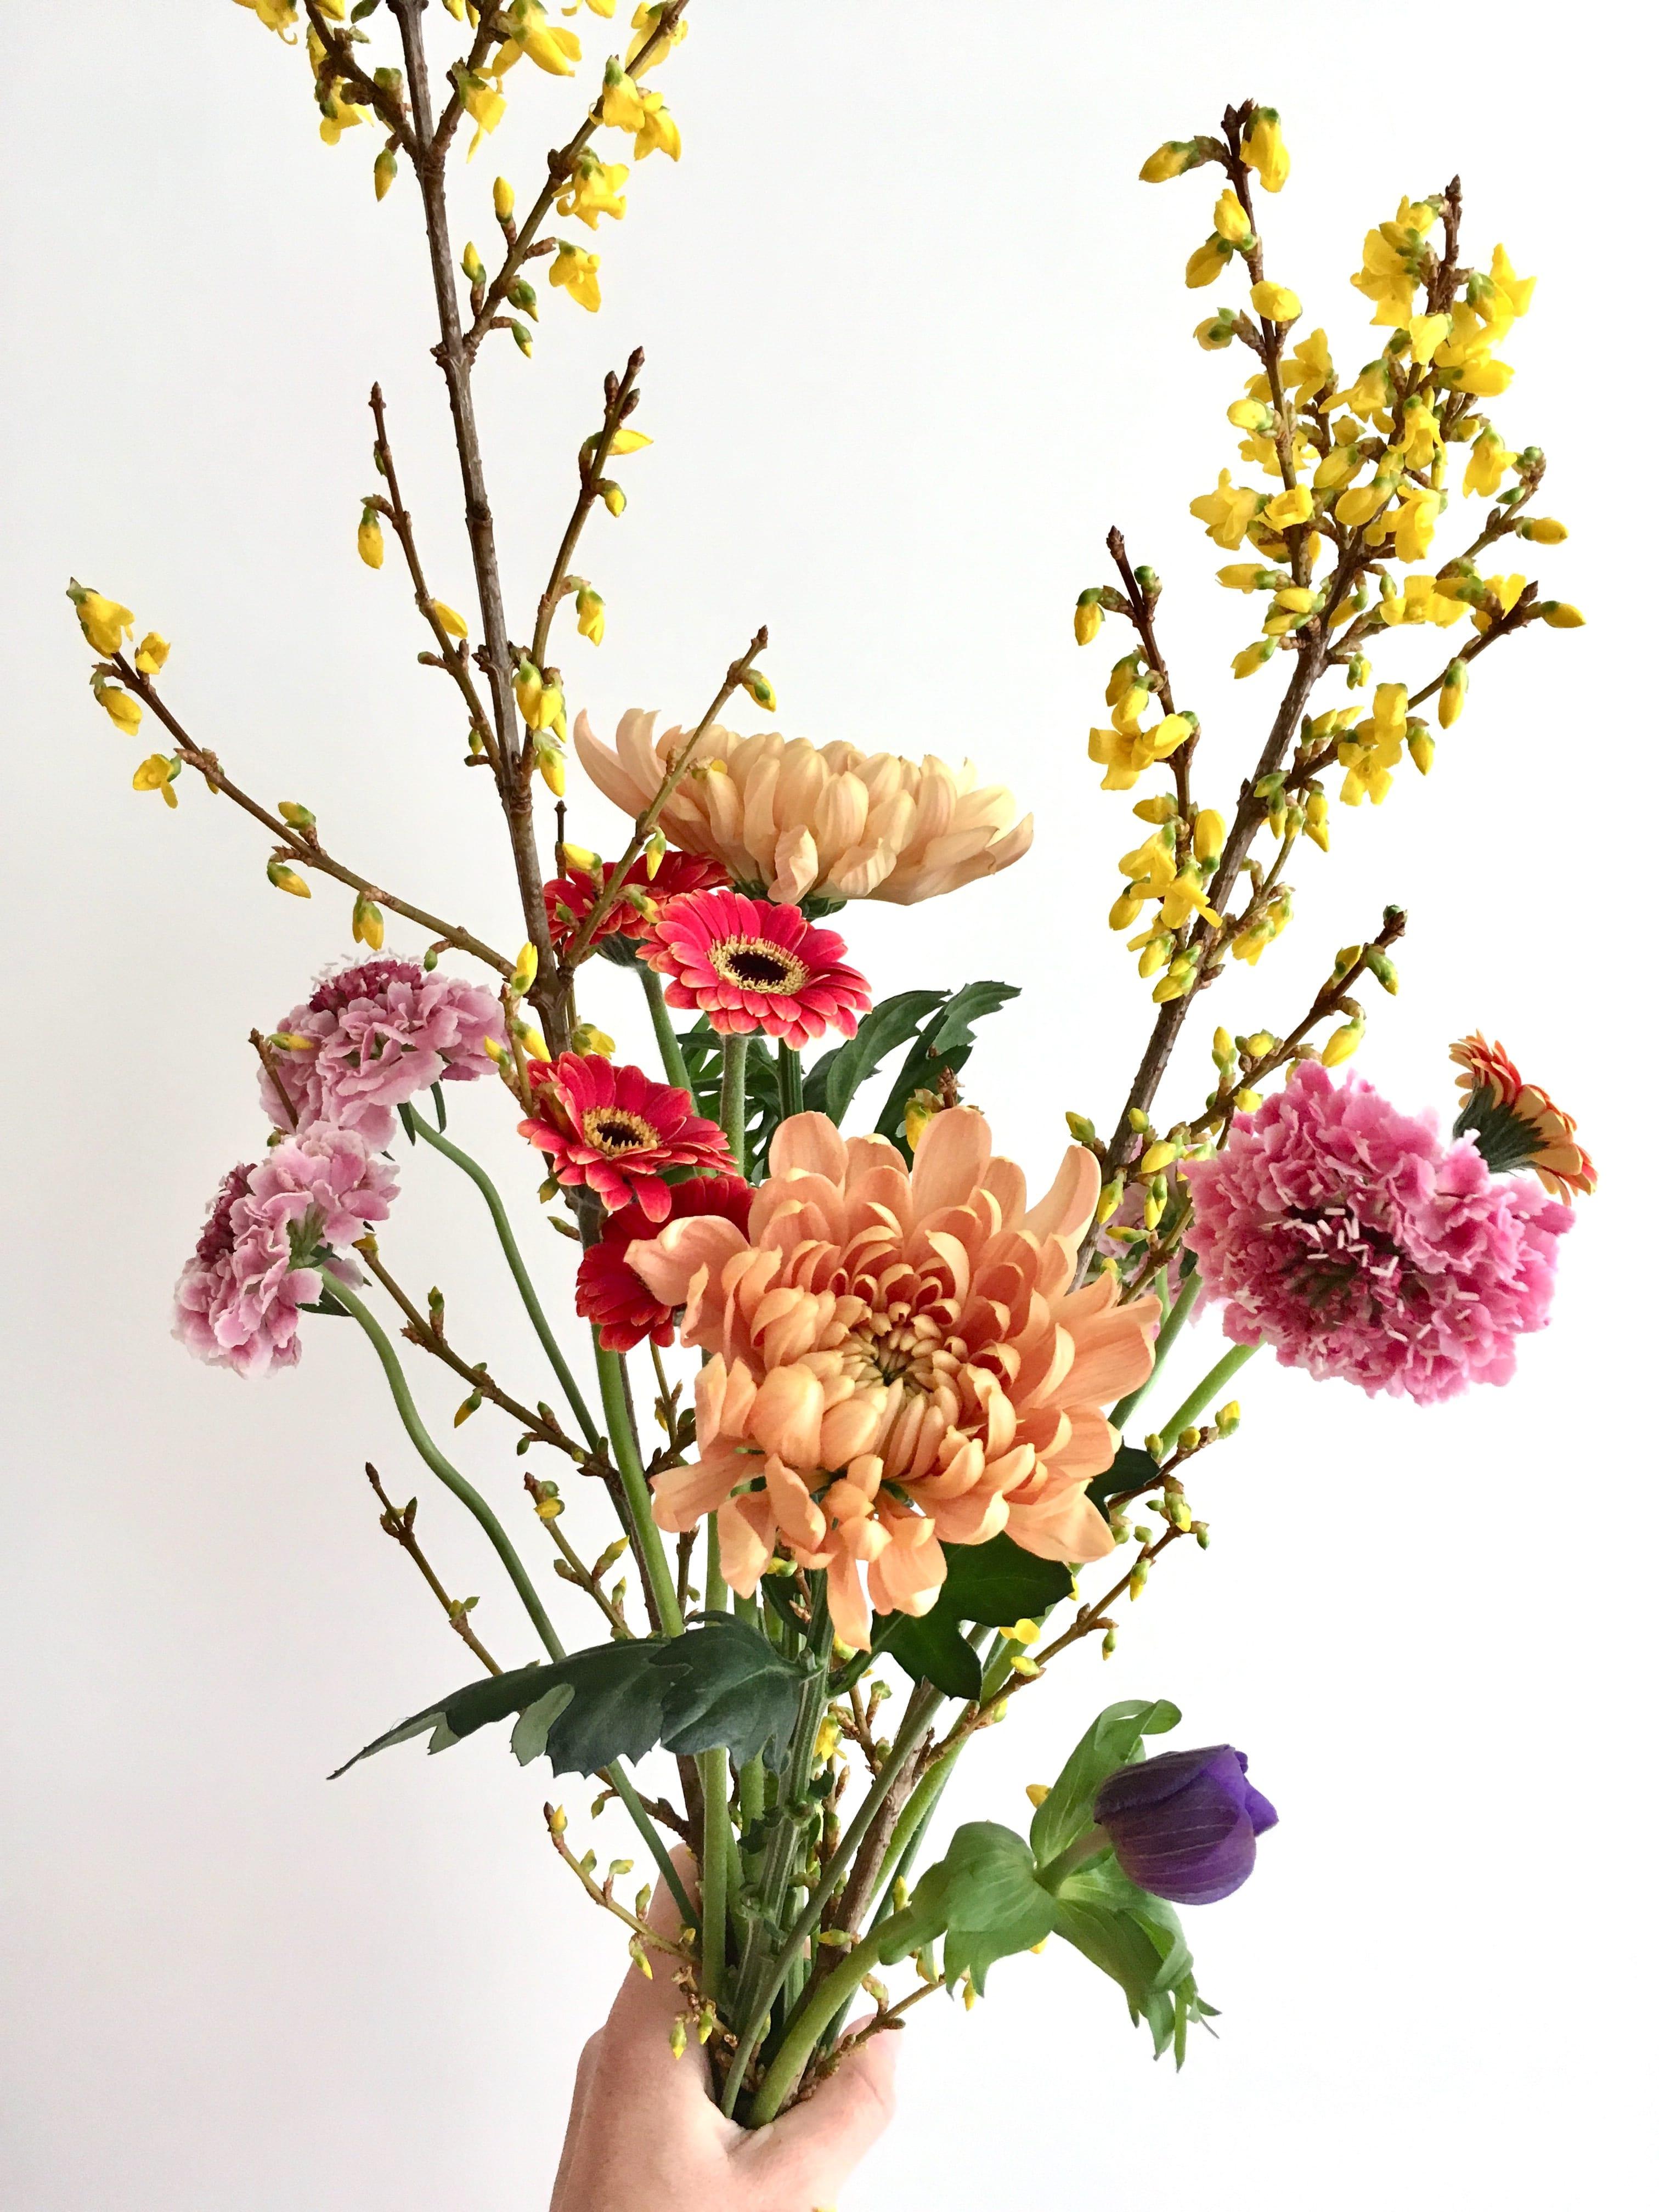 Abono 3 Meses: 1 ramo de flores cada semana > 29/05/2019